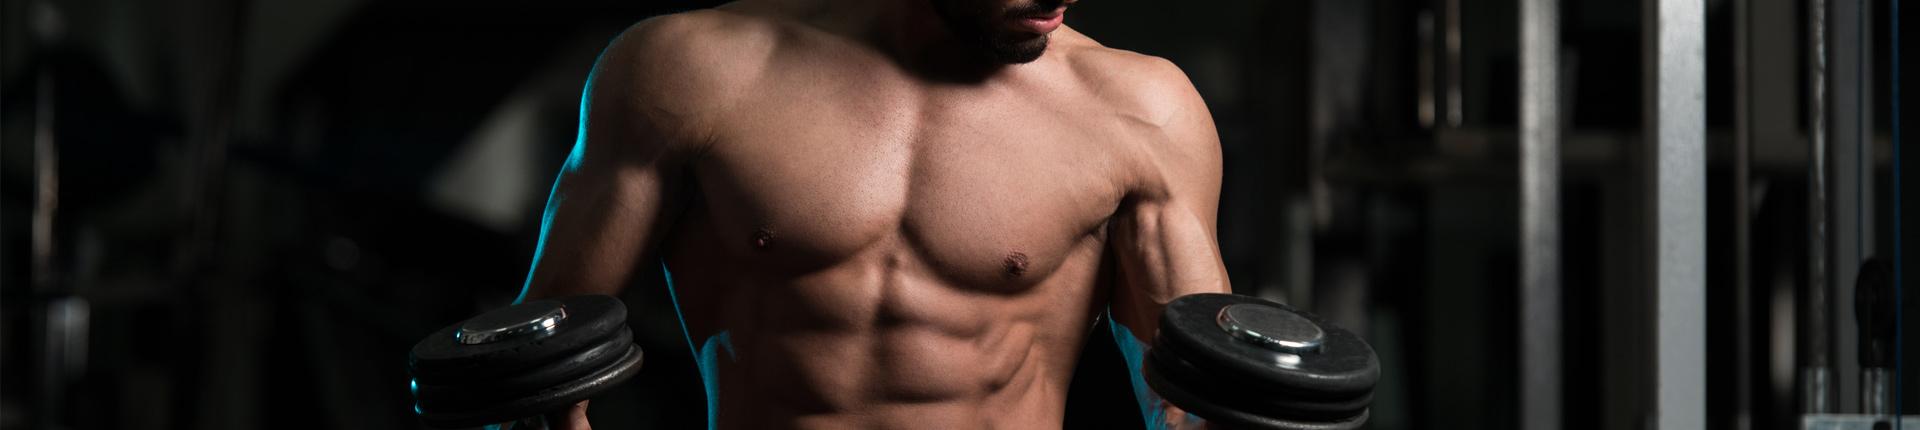 Miesięczna przerwa w treningu - czy stracę formę?